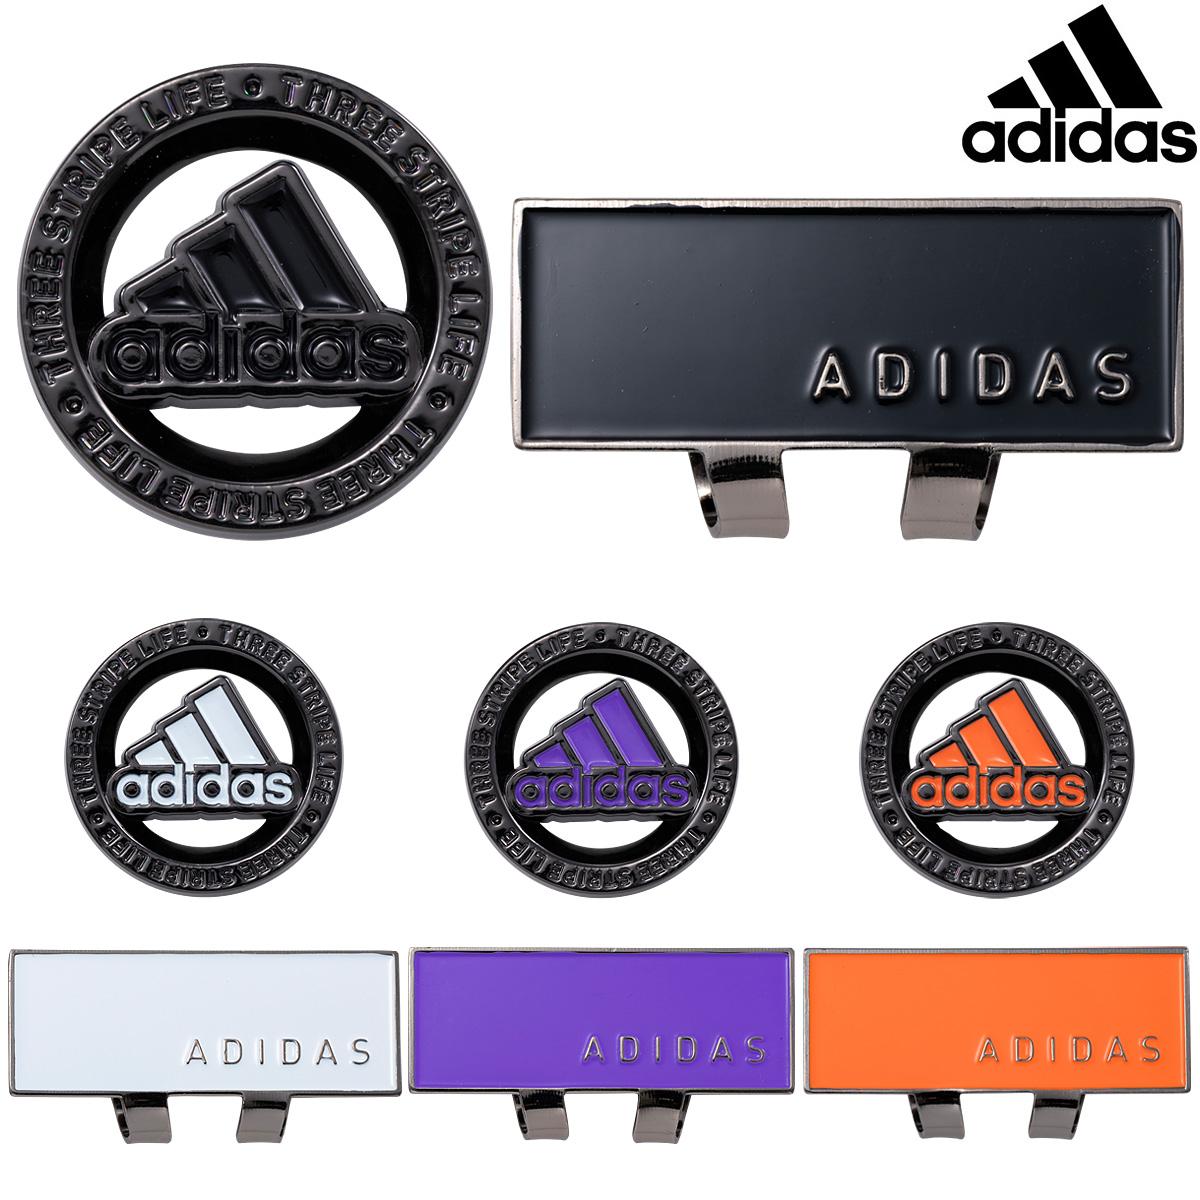 【即納!】 adidas Golf(アディダスゴルフ)日本正規品 Core Basic Clip Marker (コア ベーシック クリップマーカー) 2021新製品 「ADM-912」 【あす楽対応】